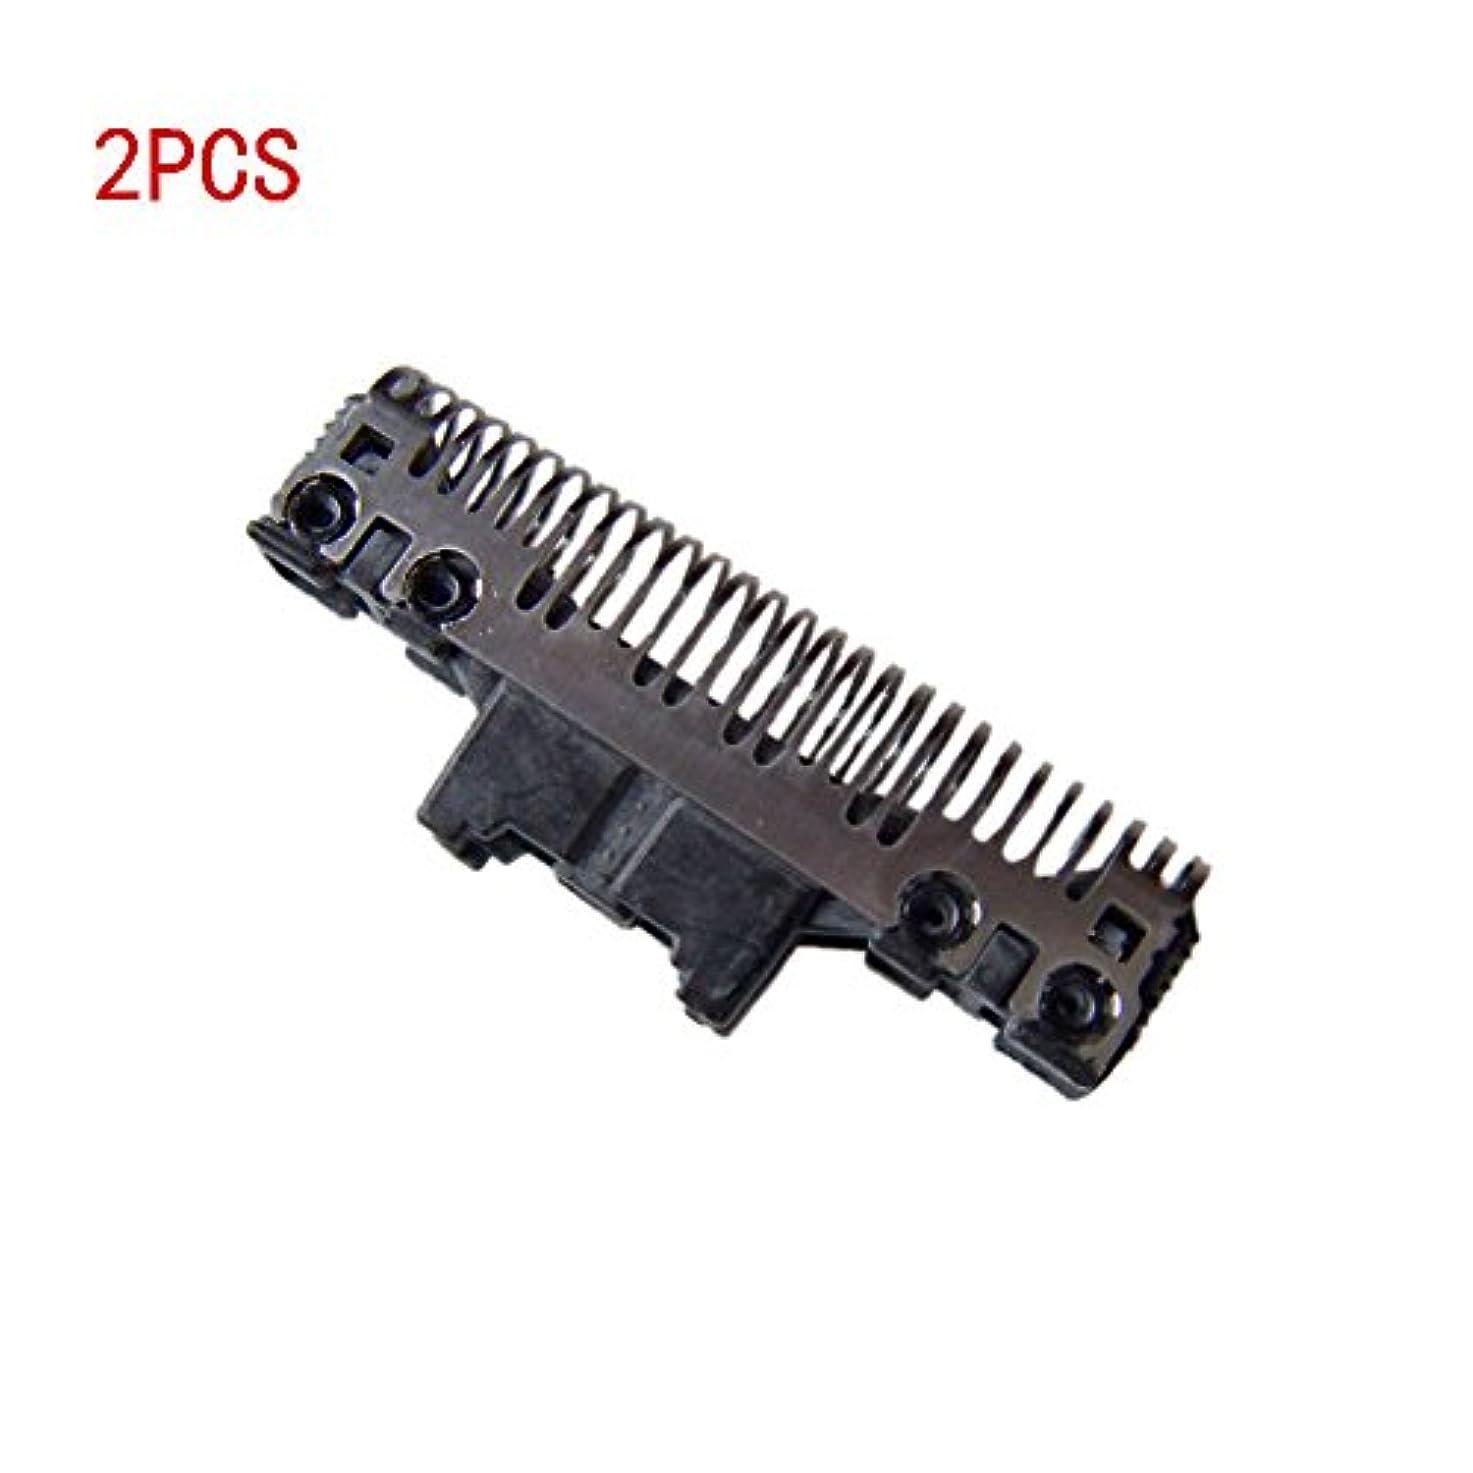 干渉最大限オペレーターHzjundasi シェーバーパーツ 部品 内刃 往復式シェーバー替刃 耐用 高質量 for Panasonic ES9072/7021/7022/7023/7026/7027/7006/7007